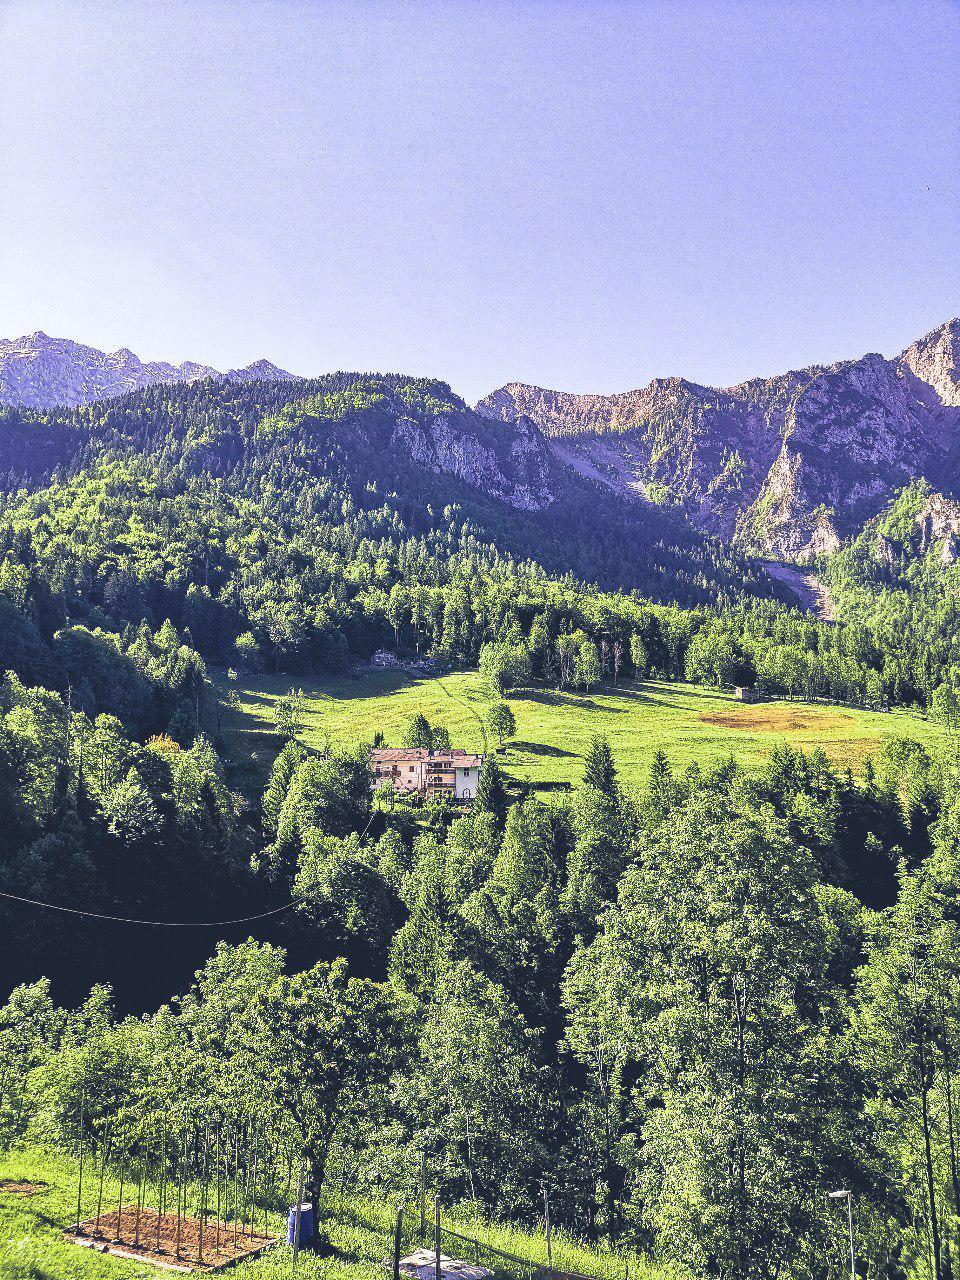 vista delle montagne verdi e dei boschi in una frazione vicino a carona